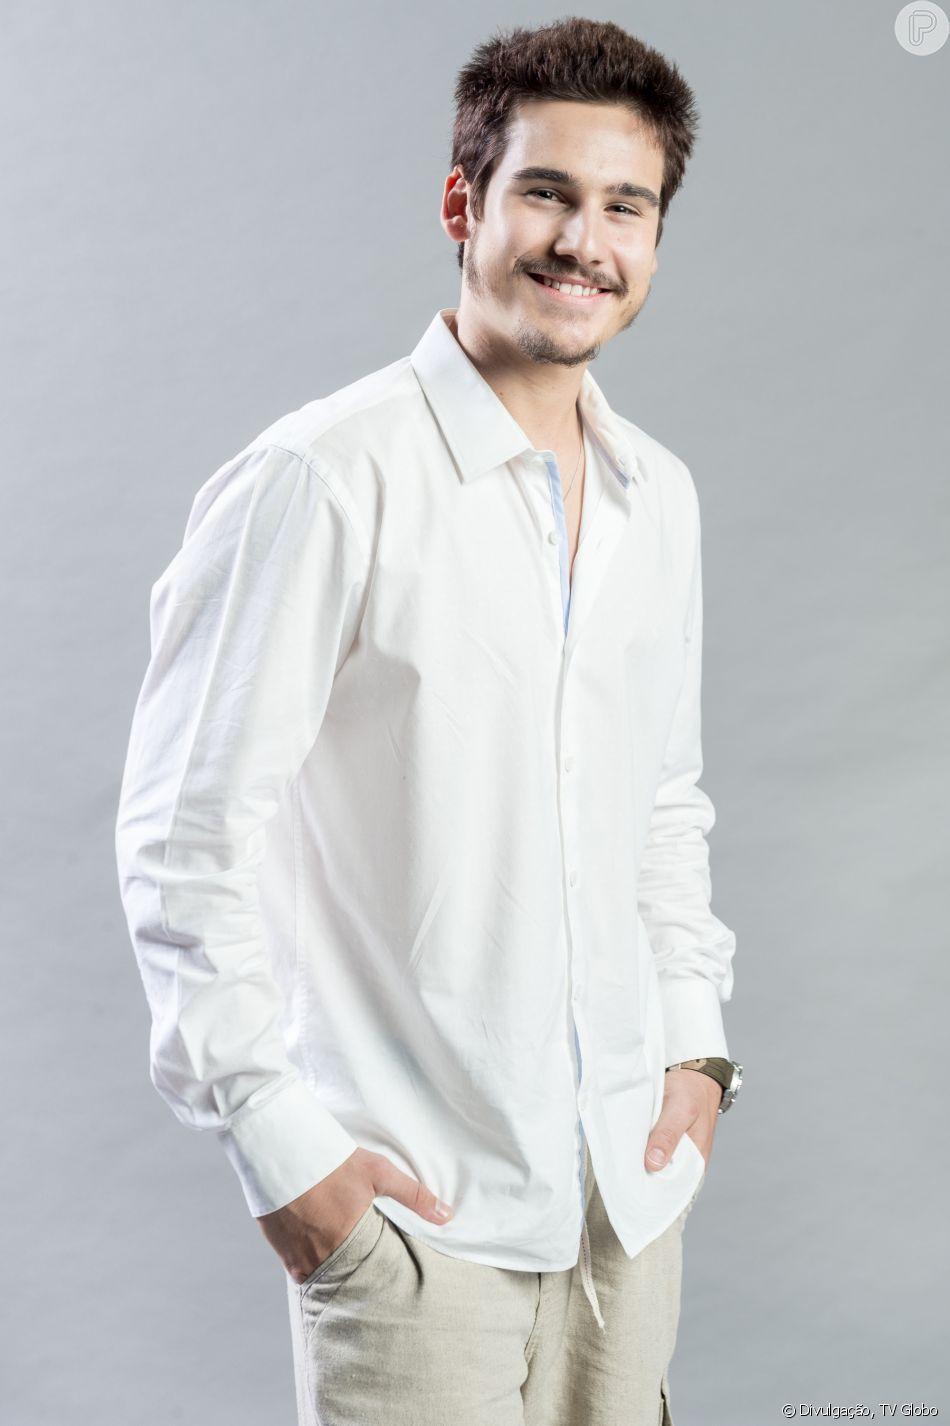 Samuca (Nicolas Prattes) faz pedido a dom Sabino (Edson Celulari) nos próximos capítulos da novela 'O Tempo Não Para': 'Quero me casar com Marocas (Juliana Paiva)'